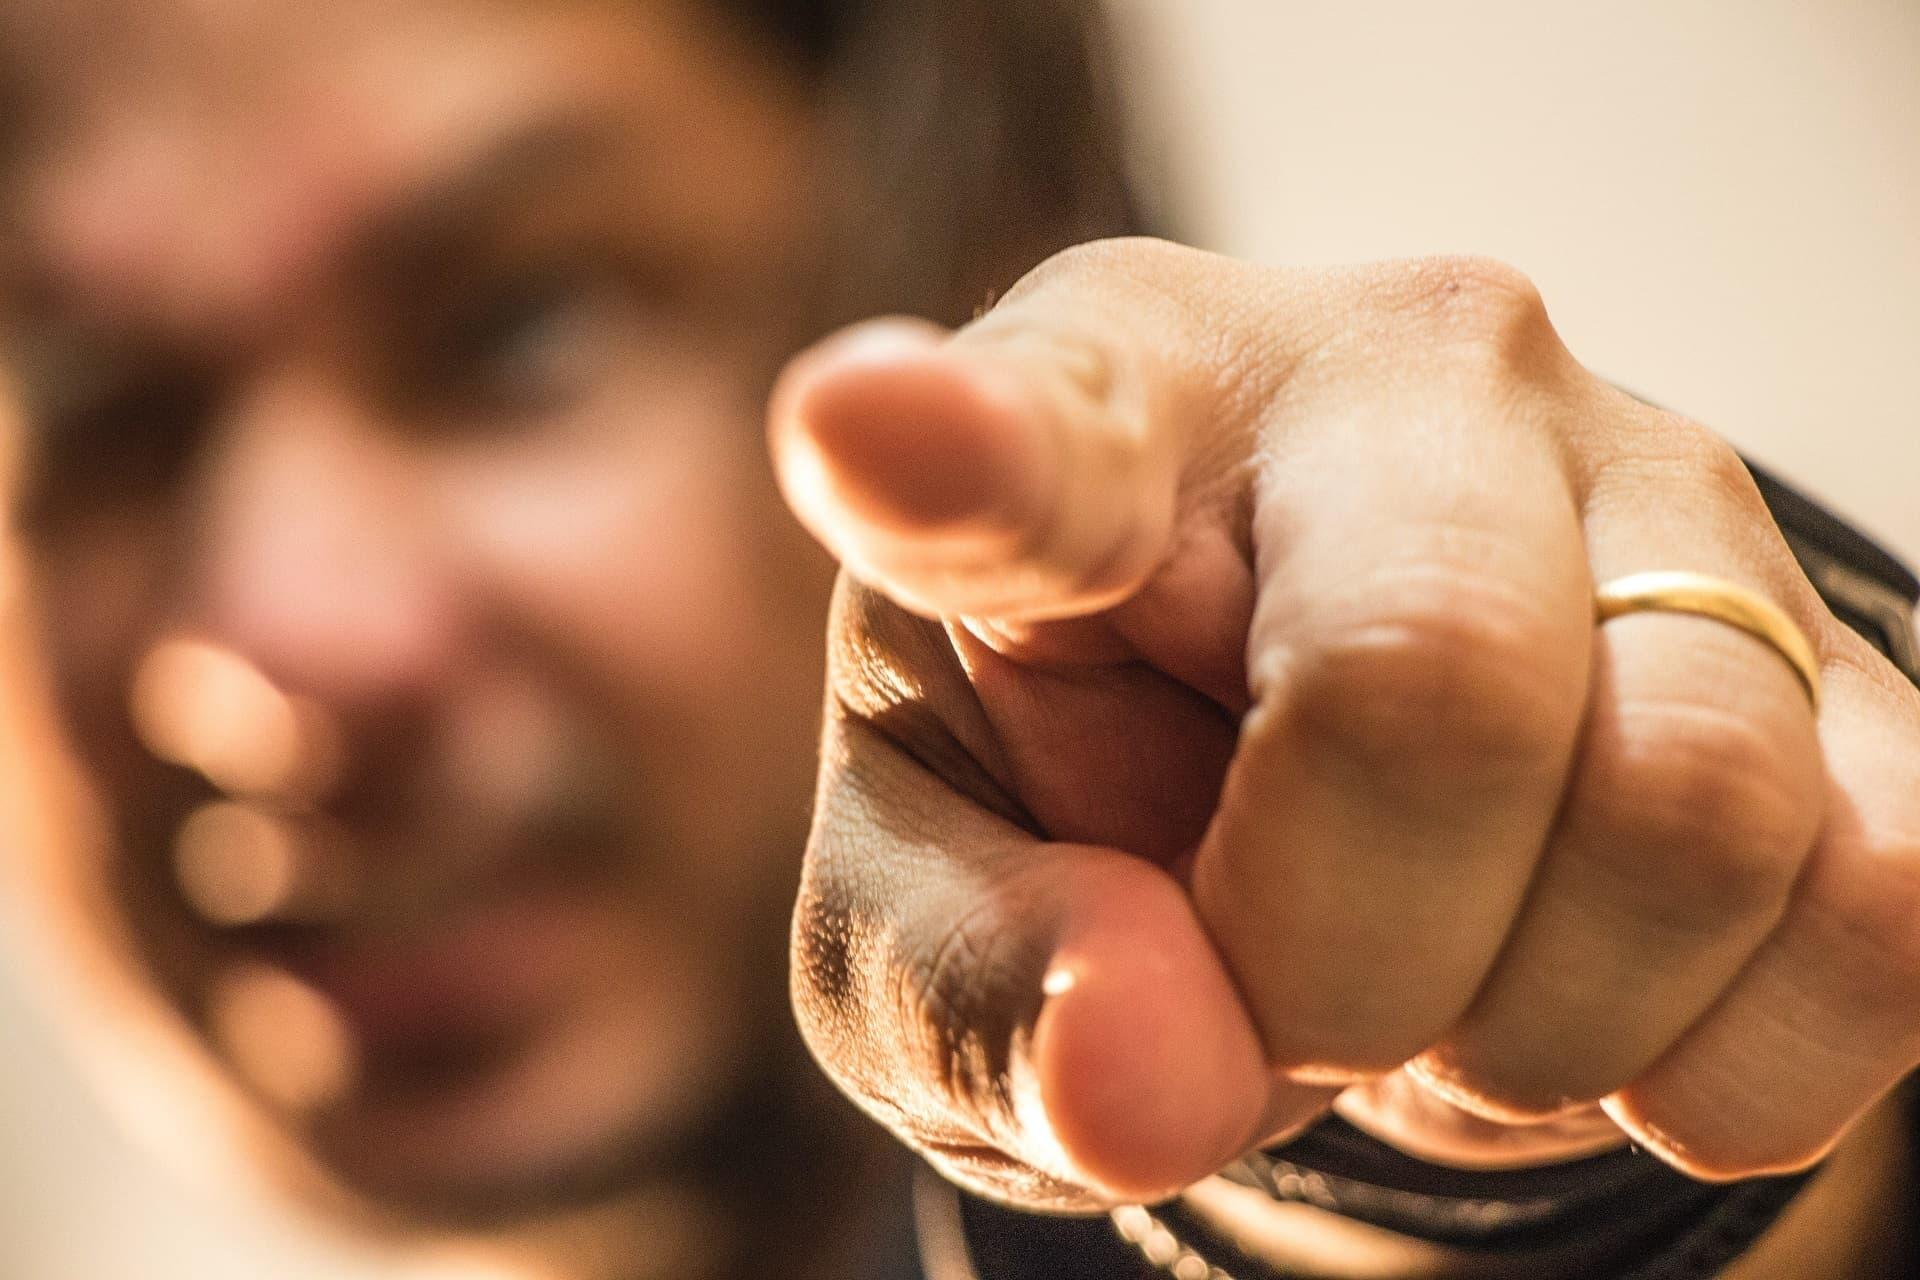 Mann zeigt mit Finger; Finger im Vordergrund